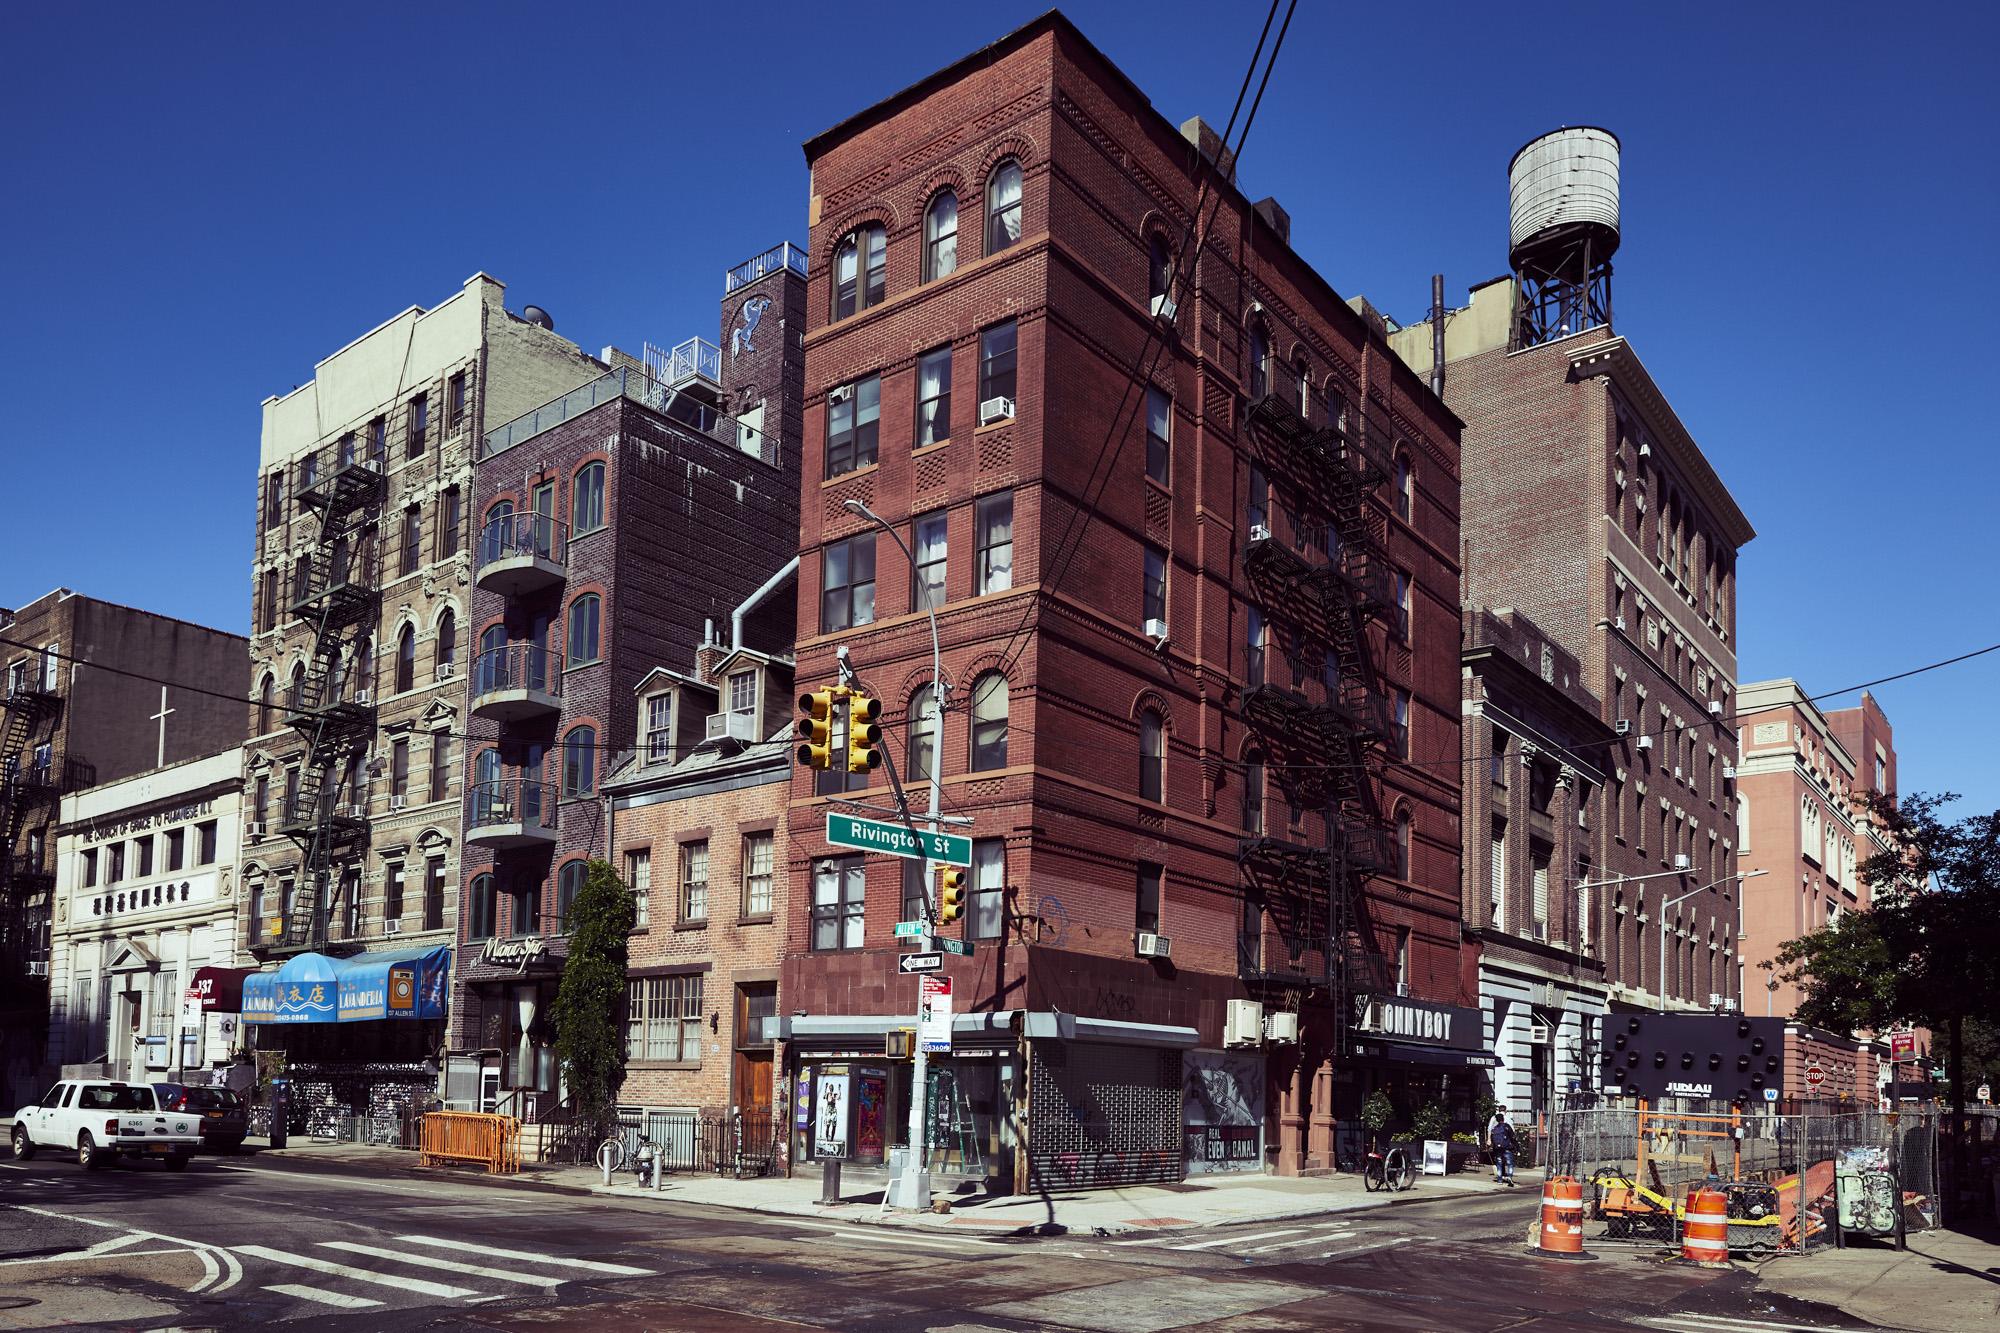 kyrani-kanavaros-new-york-photography-41.jpg